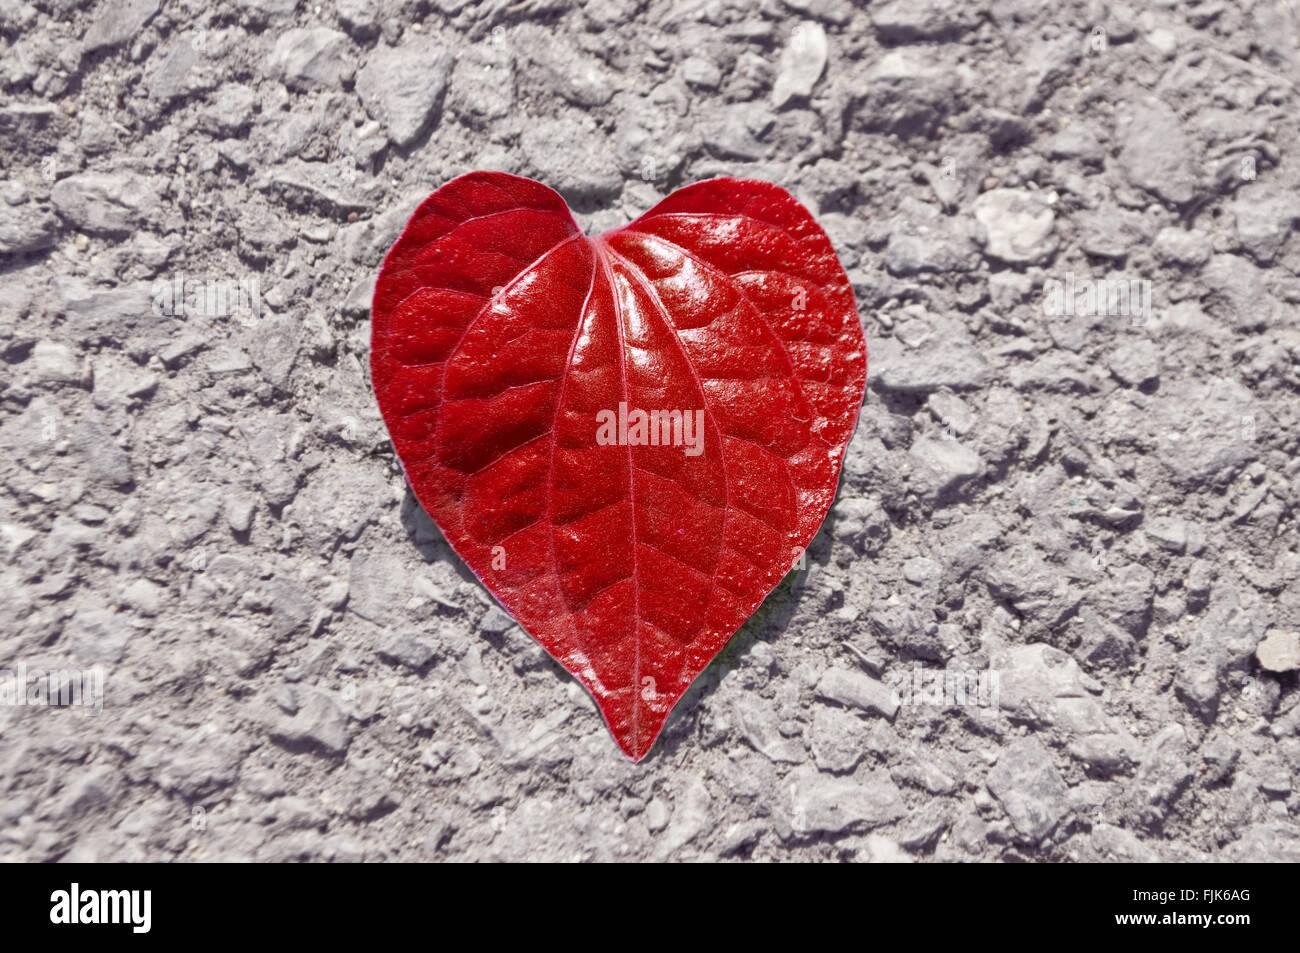 Cuore rosso forma foglia sul roccioso del pavimento di asfalto Immagini  Stock 0d20ef48670